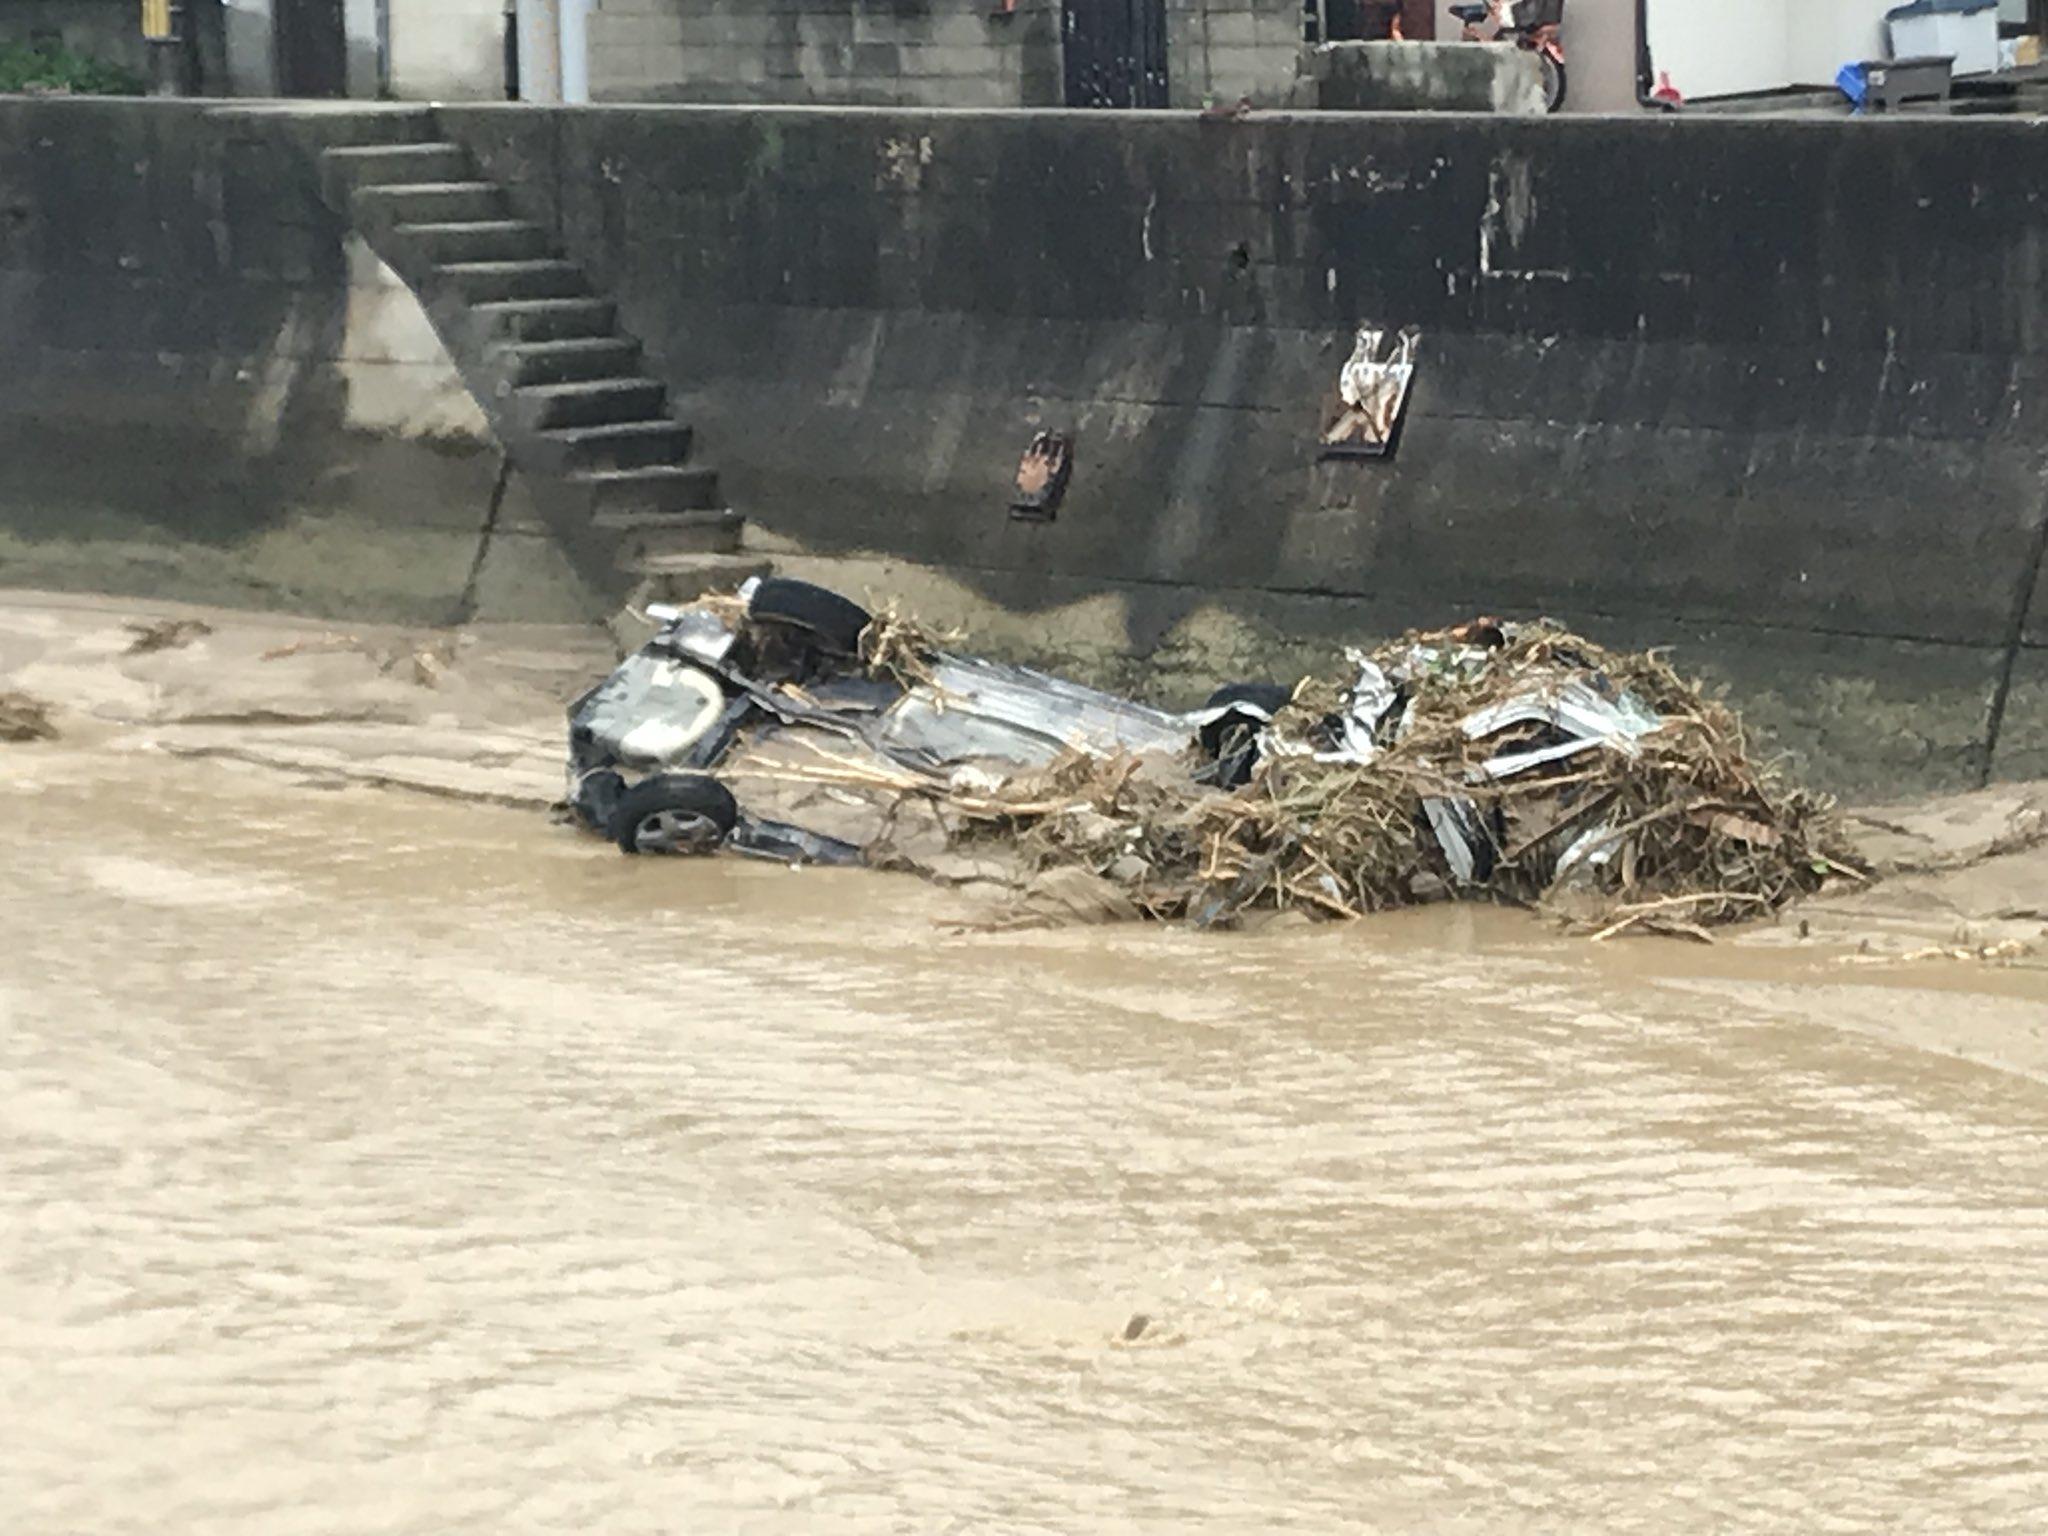 画像,買い物ついでに近くの川に行ってみたら、(今報道されてる)上流から流されて来たであろう車の残骸が2、3台…Σ('◉⌓◉')河川敷付近で干潮だからか、この…